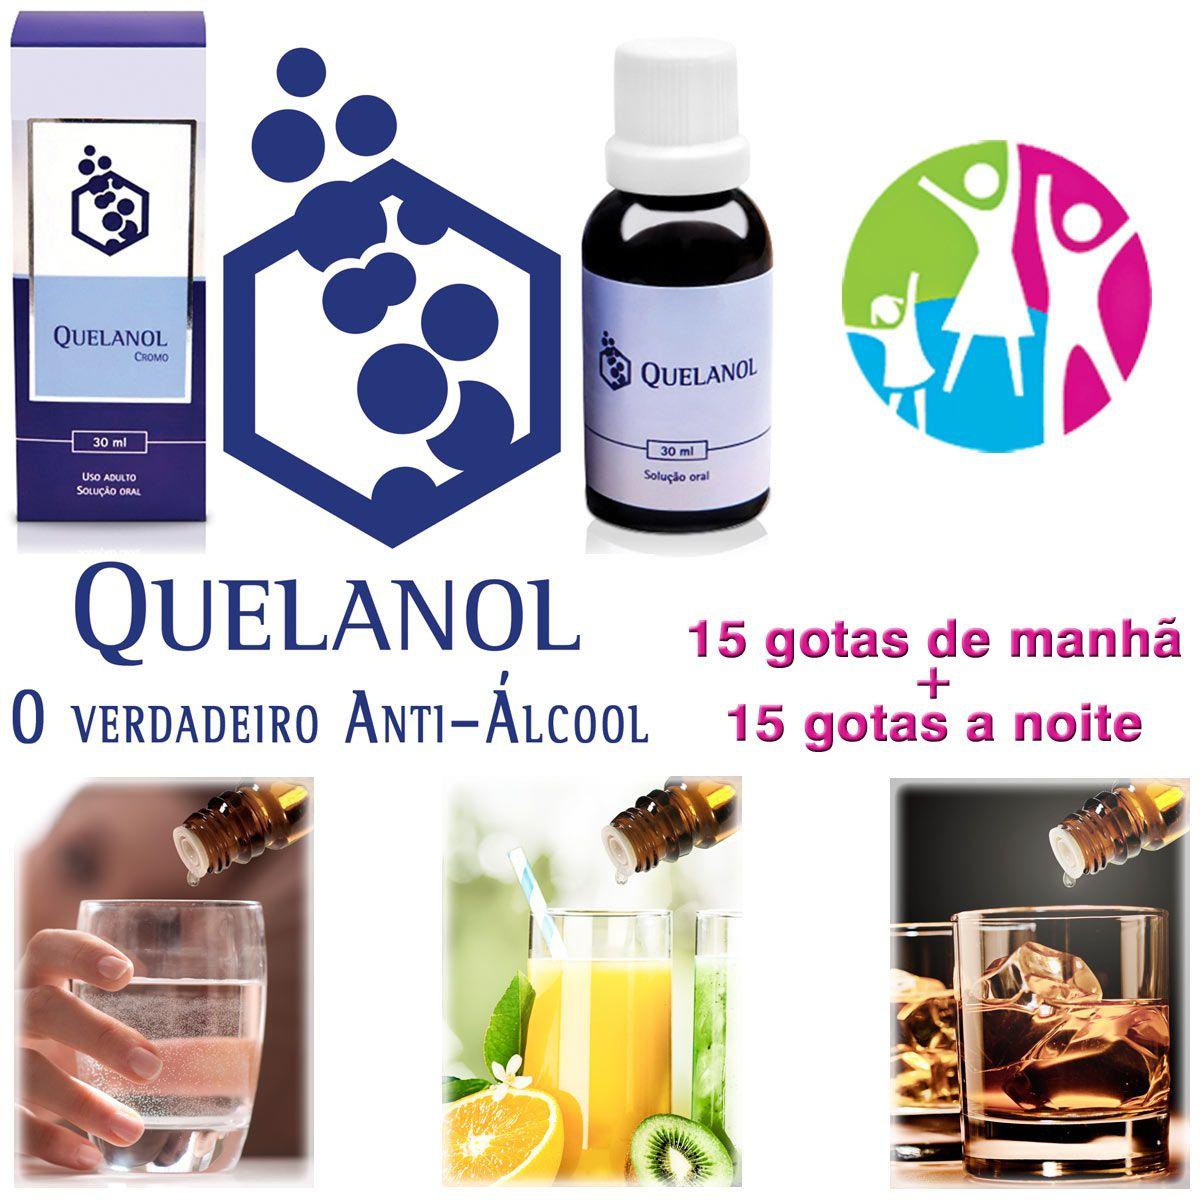 Anti-álcool Quelanol 03 frascos  - Prevenção e Saúde